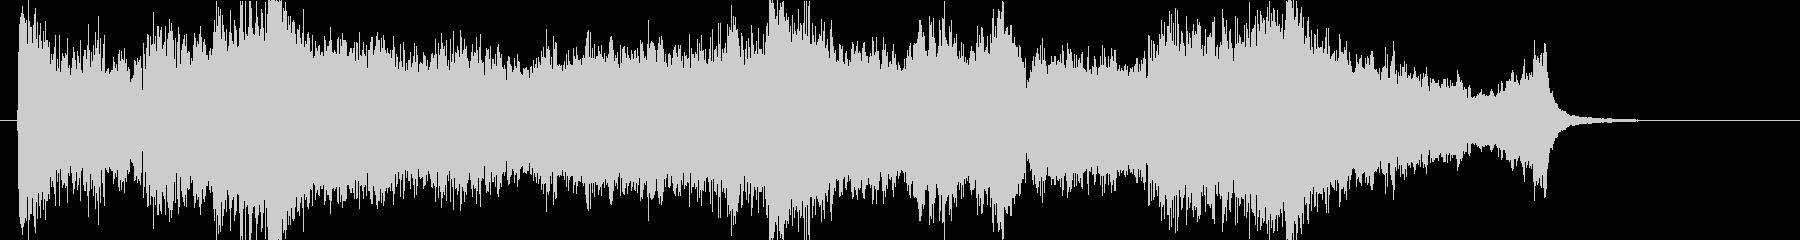 壮大、感動のオーケストラOPハーフcの未再生の波形